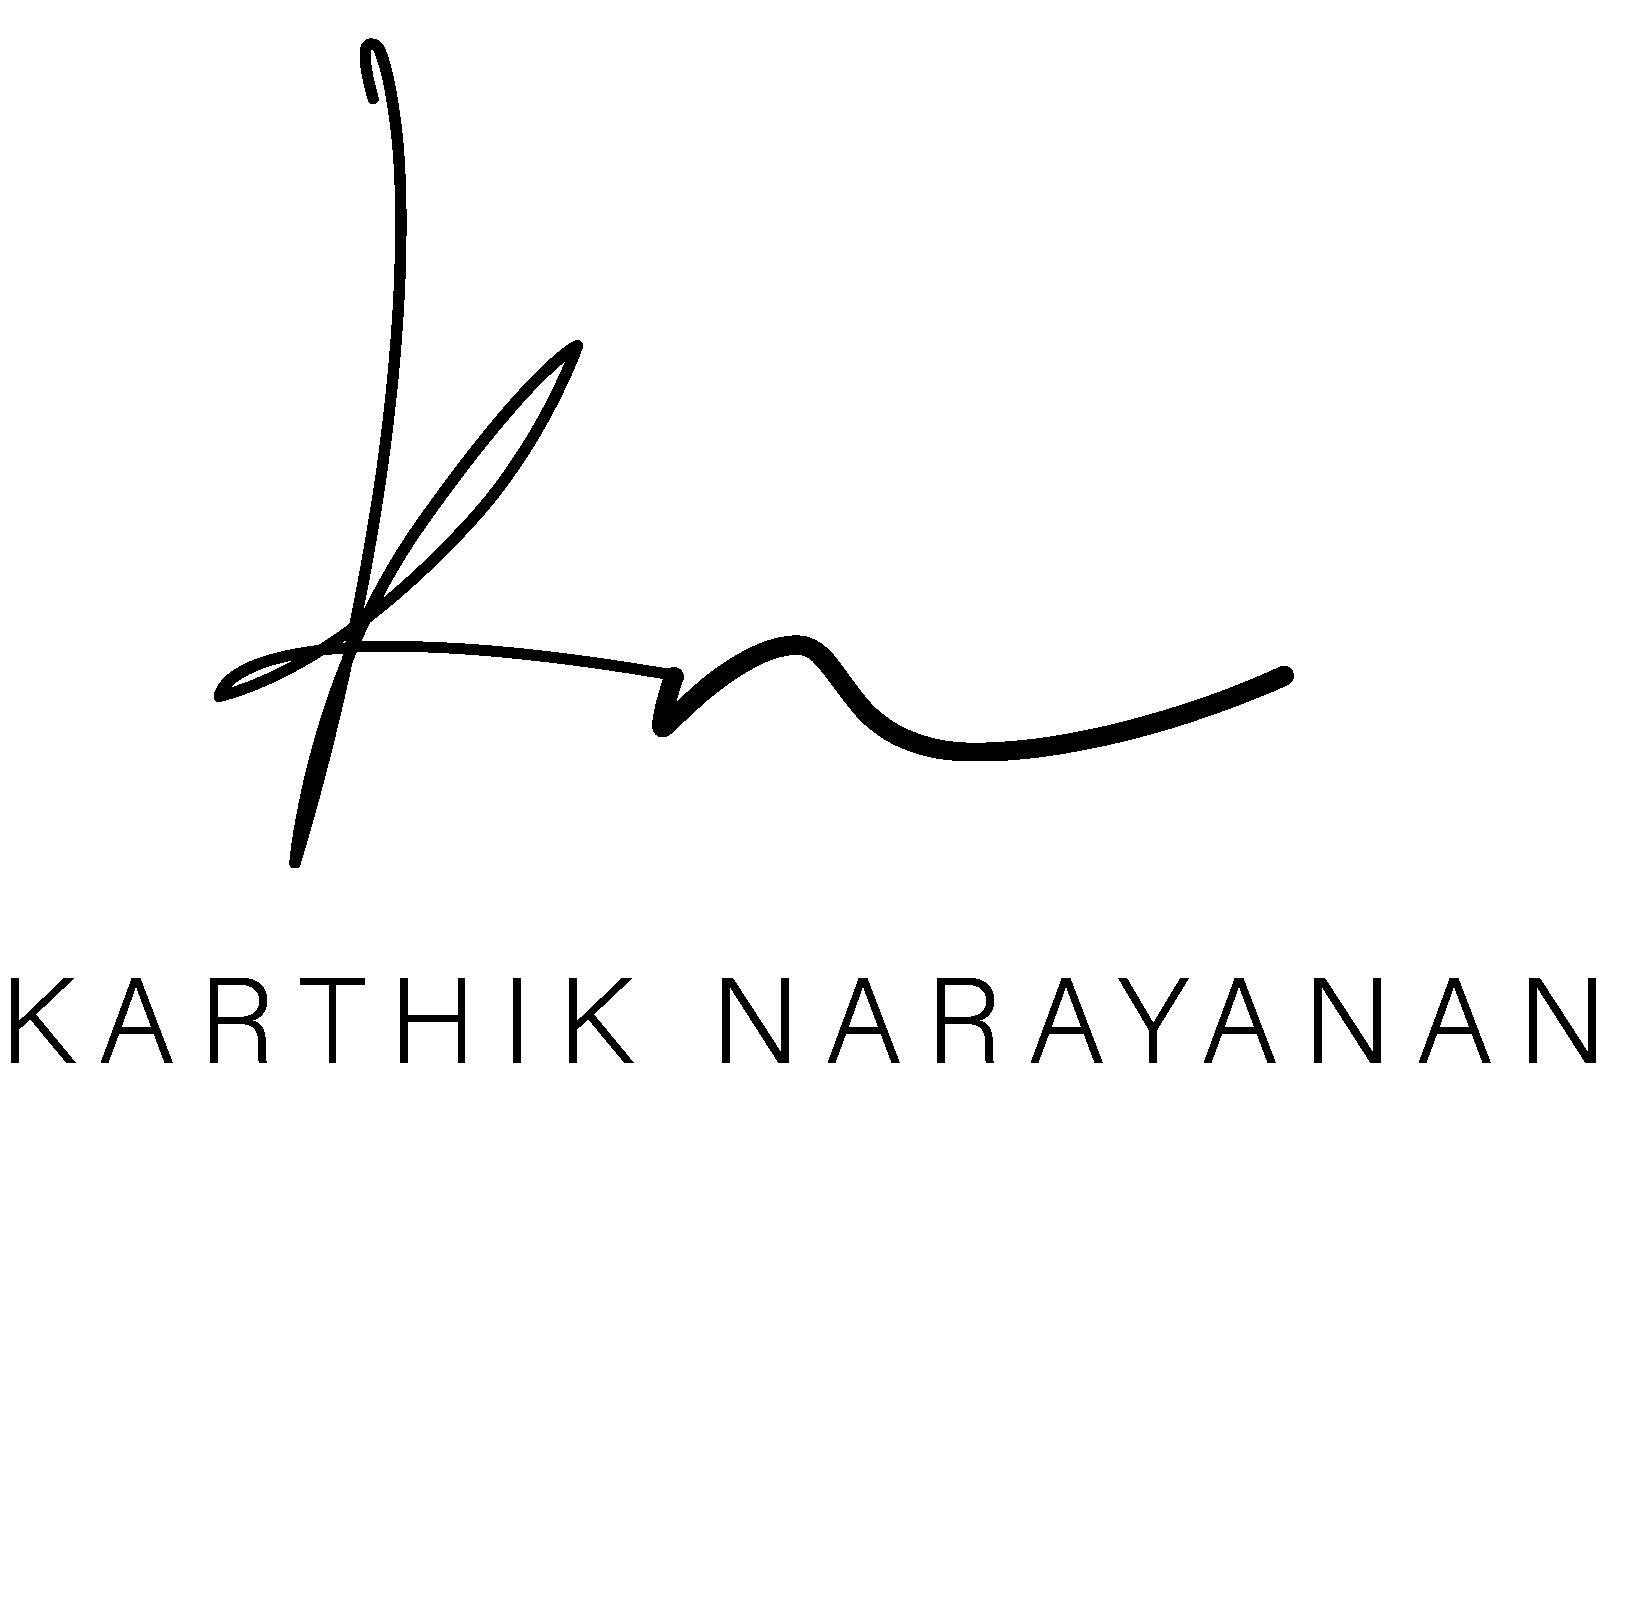 Karthik Narayana BLACK LOGO PNG